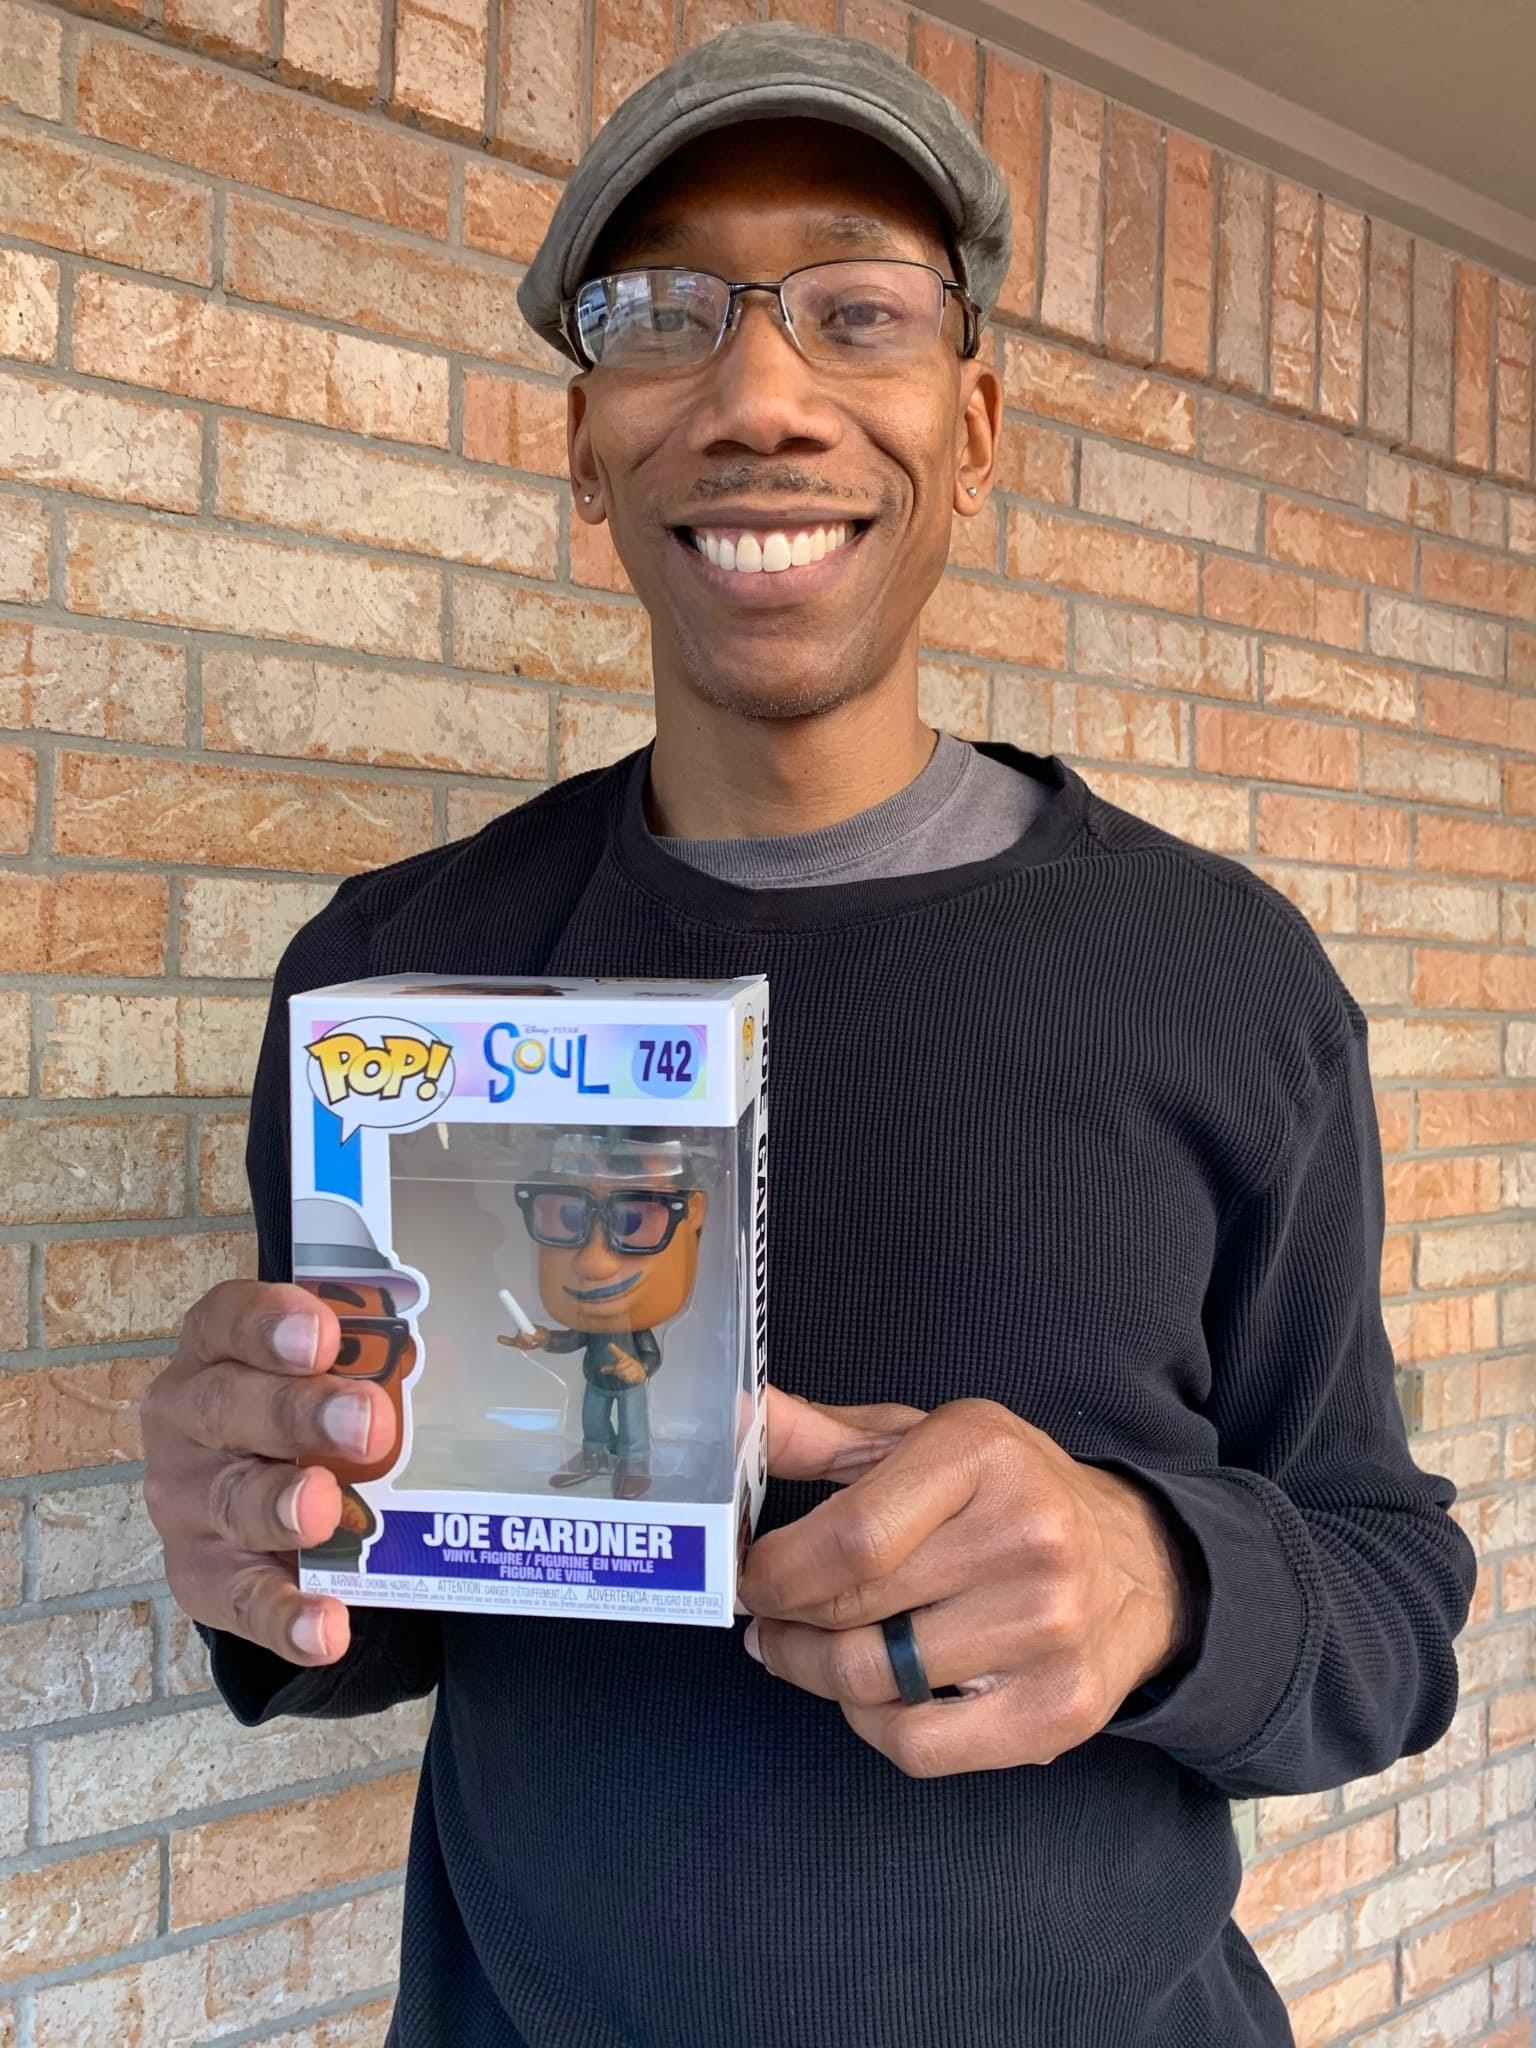 A Dad looks like Joe Gardner from Soul : ついに自分のキャラクター・グッズが全米で発売されて、大よろこびのお父さん‼️😁